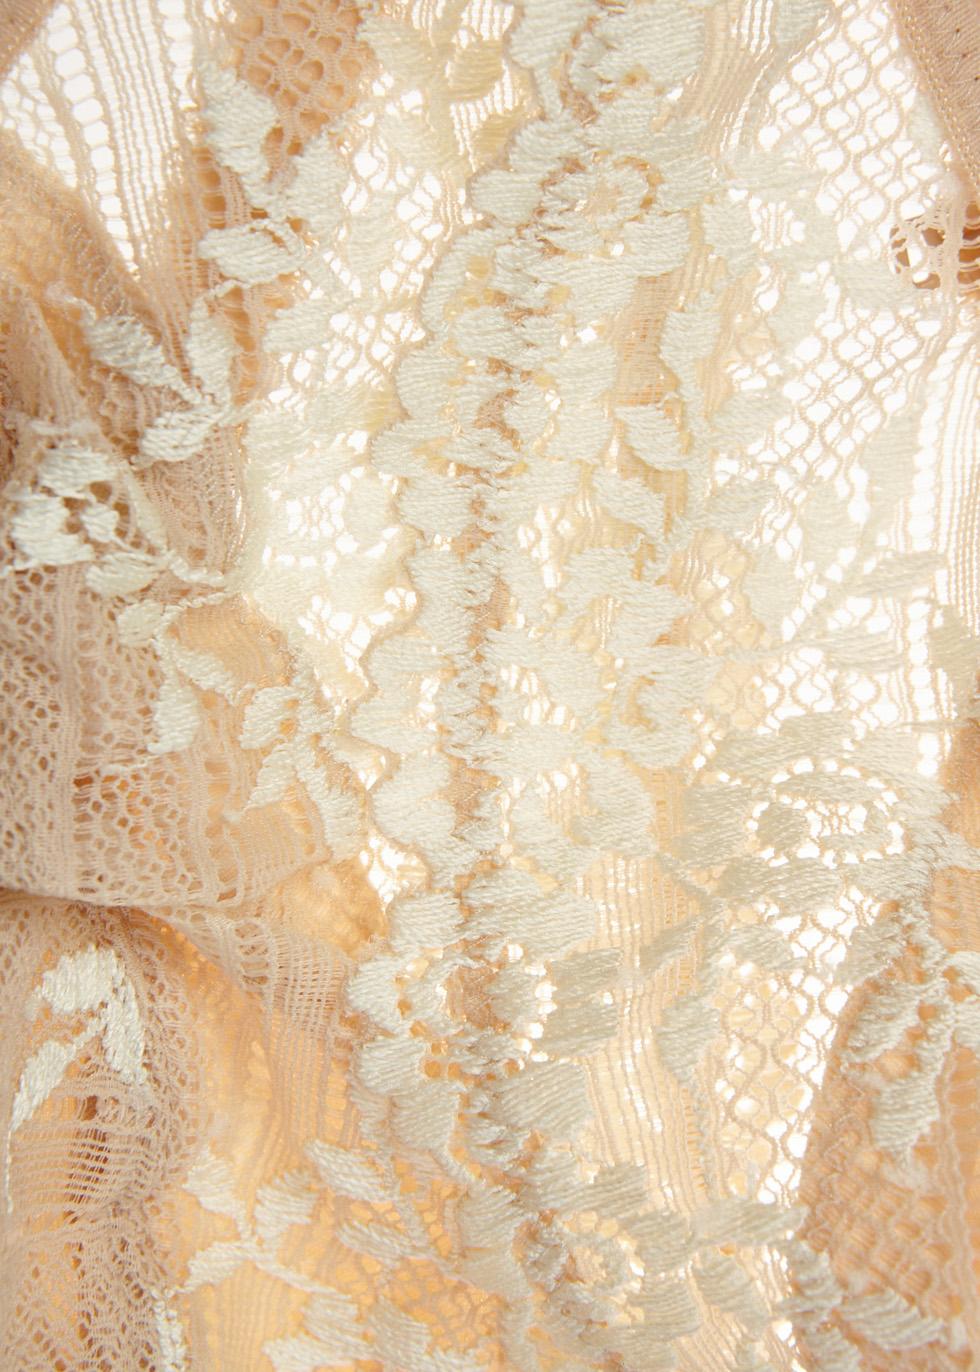 Embrace Lace blush soft-cup bra - Wacoal